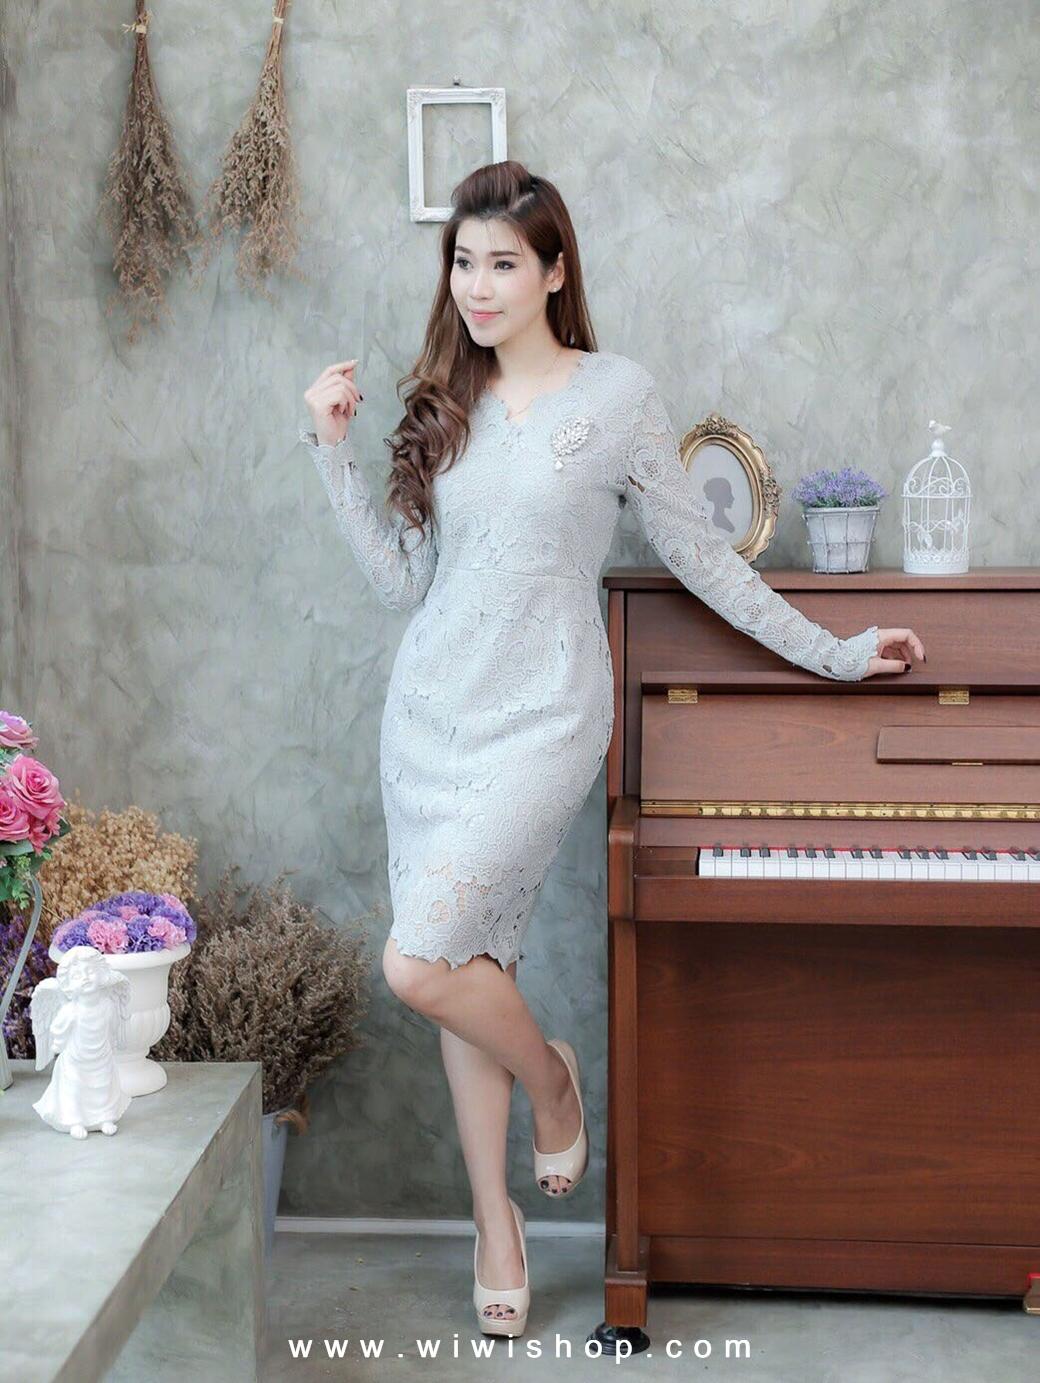 แฟชั่นชุดออกงาน ชุดไปงานแต่งงานสีเทา เดรสสั้นลูกไม้ แขนยาว เข้ารูป แนวเรียบหรู สวยสง่า